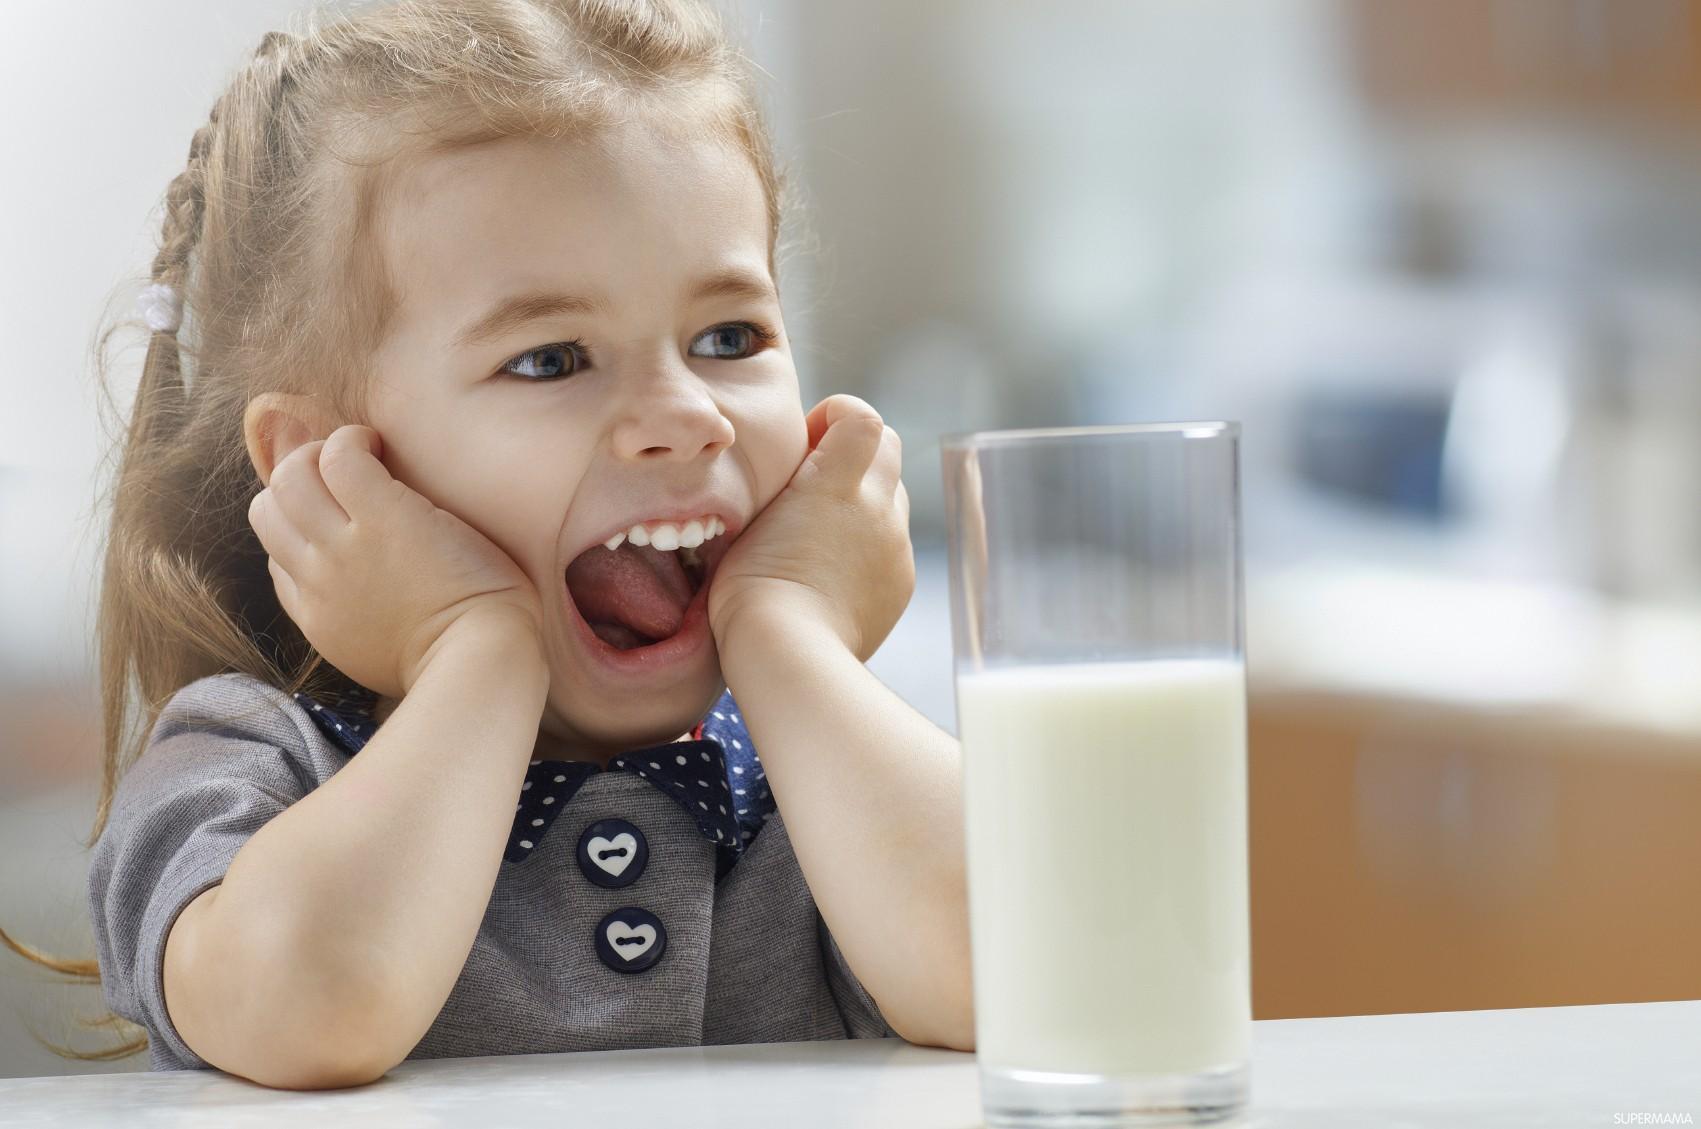 طفلي لا يحب شرب الحليب..ما البديل؟